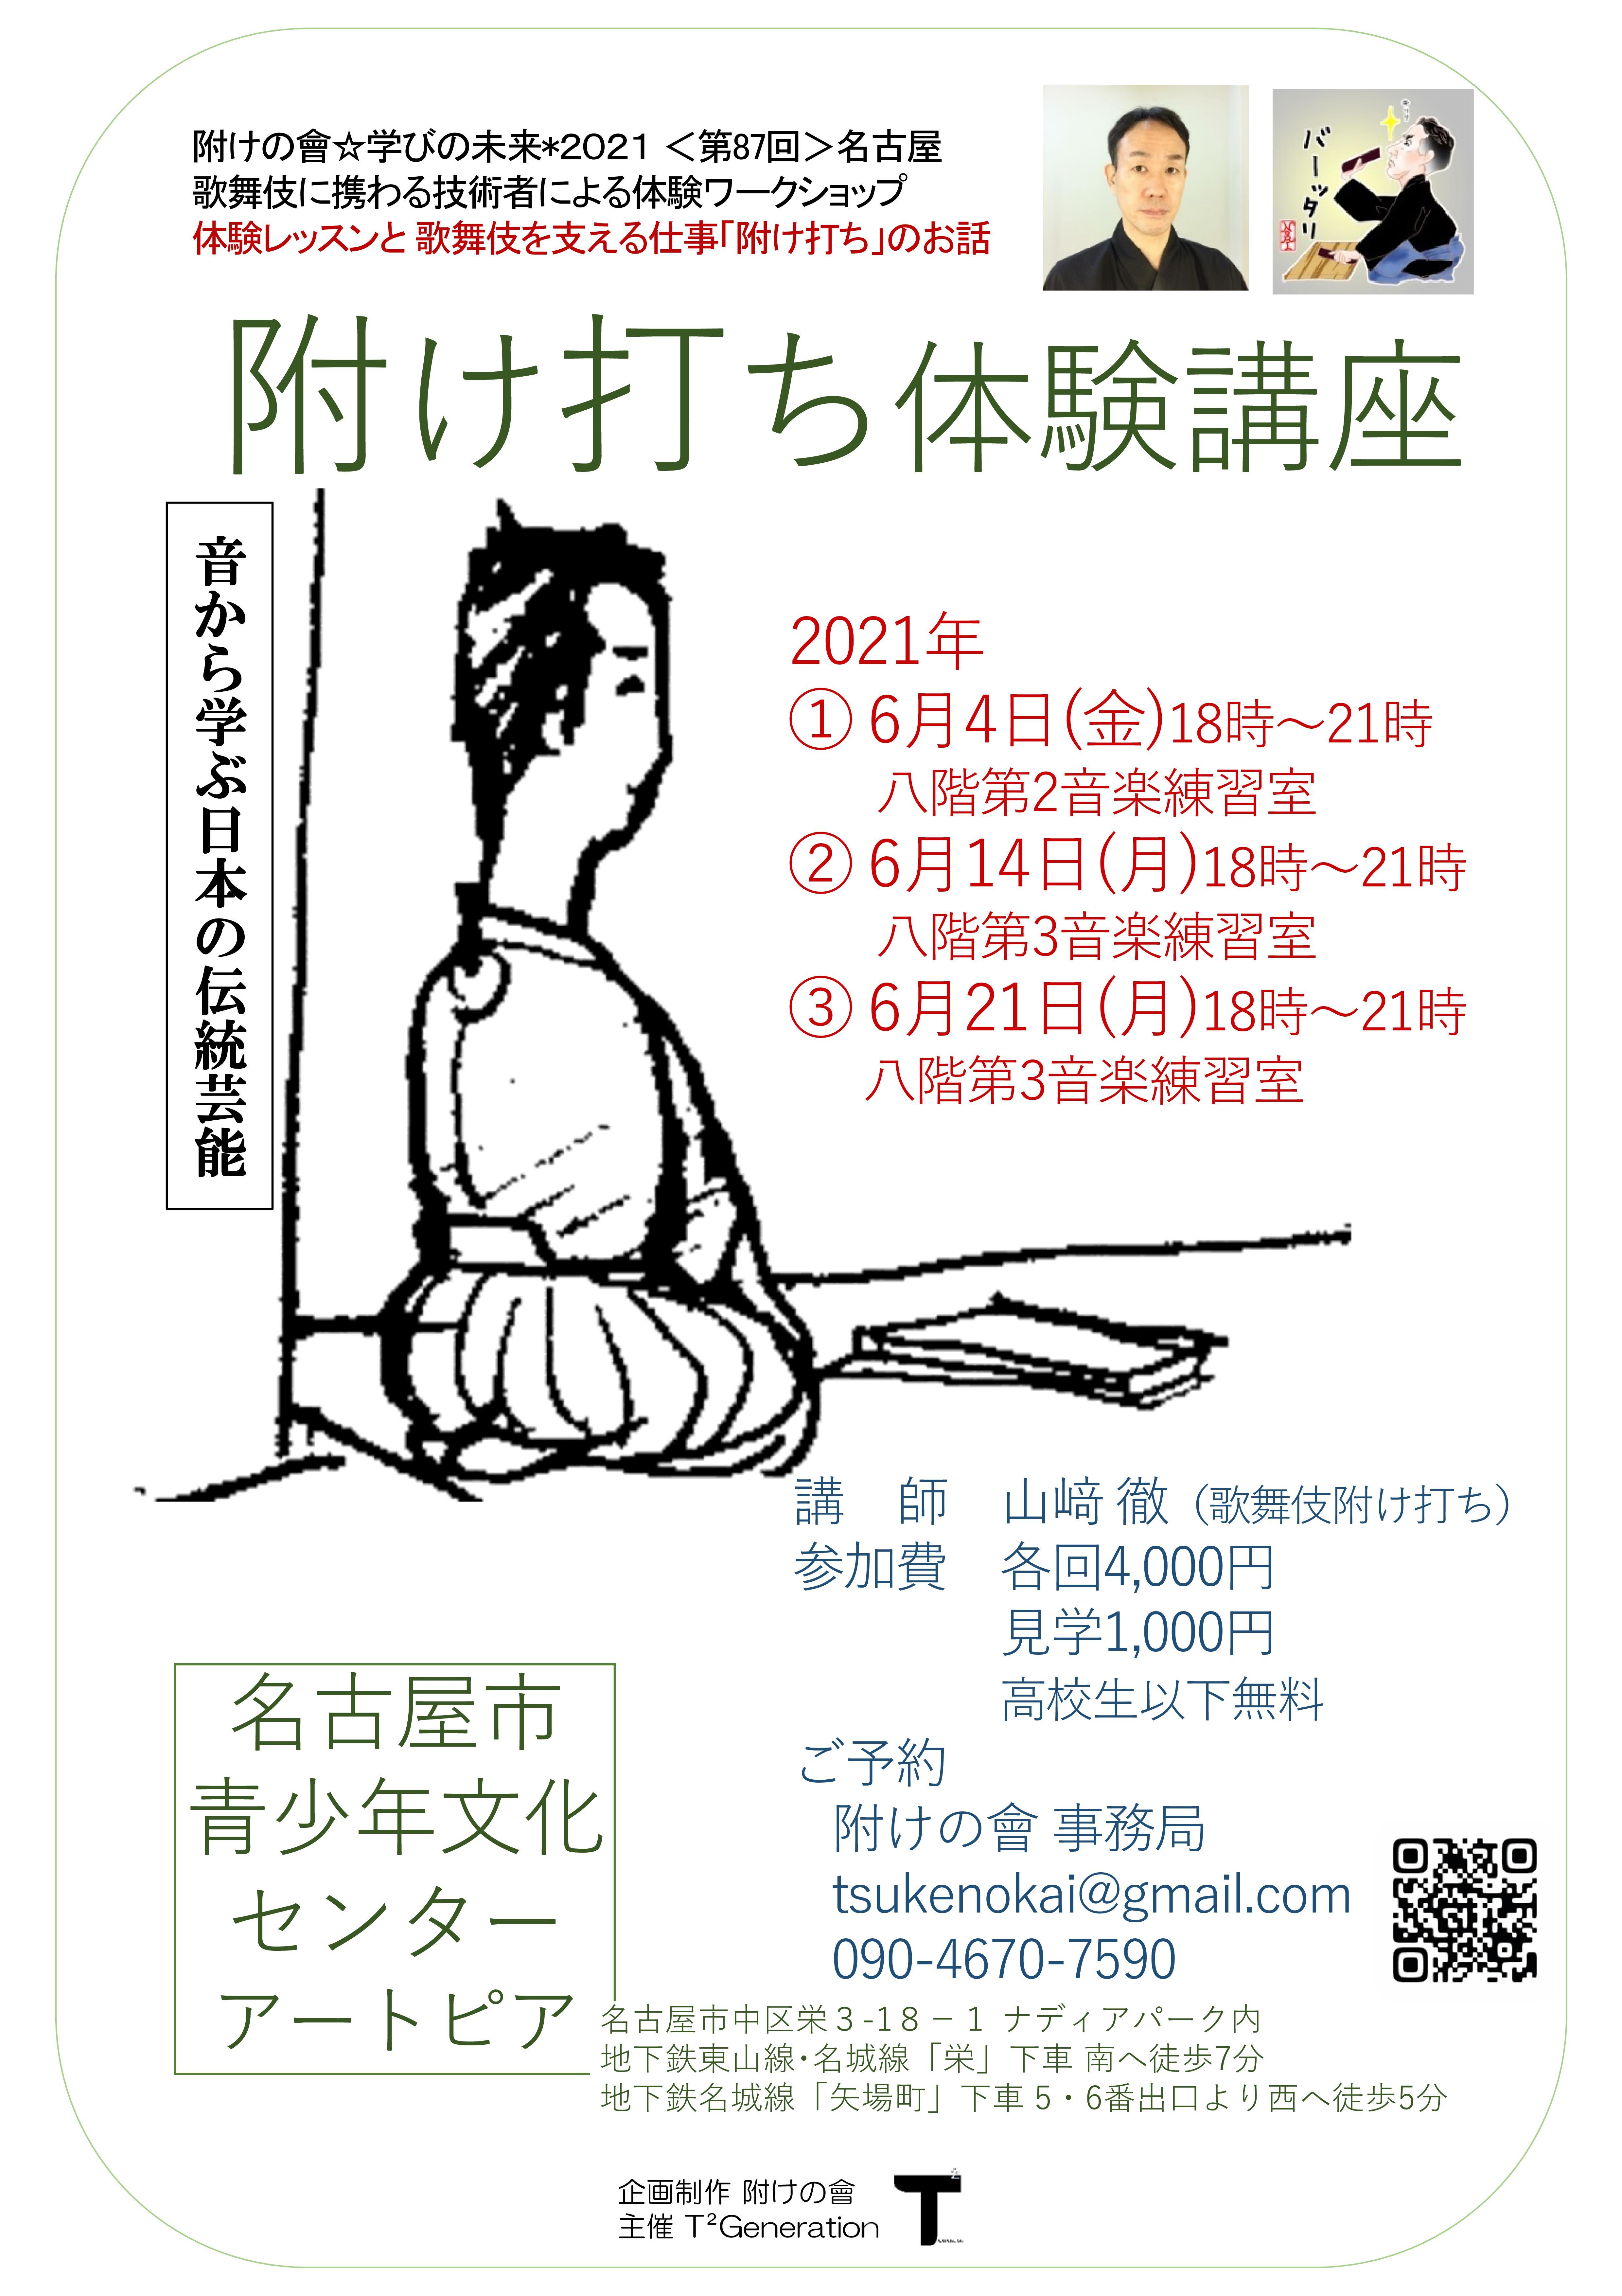 附け打ち体験講座 令和3年6月名古屋